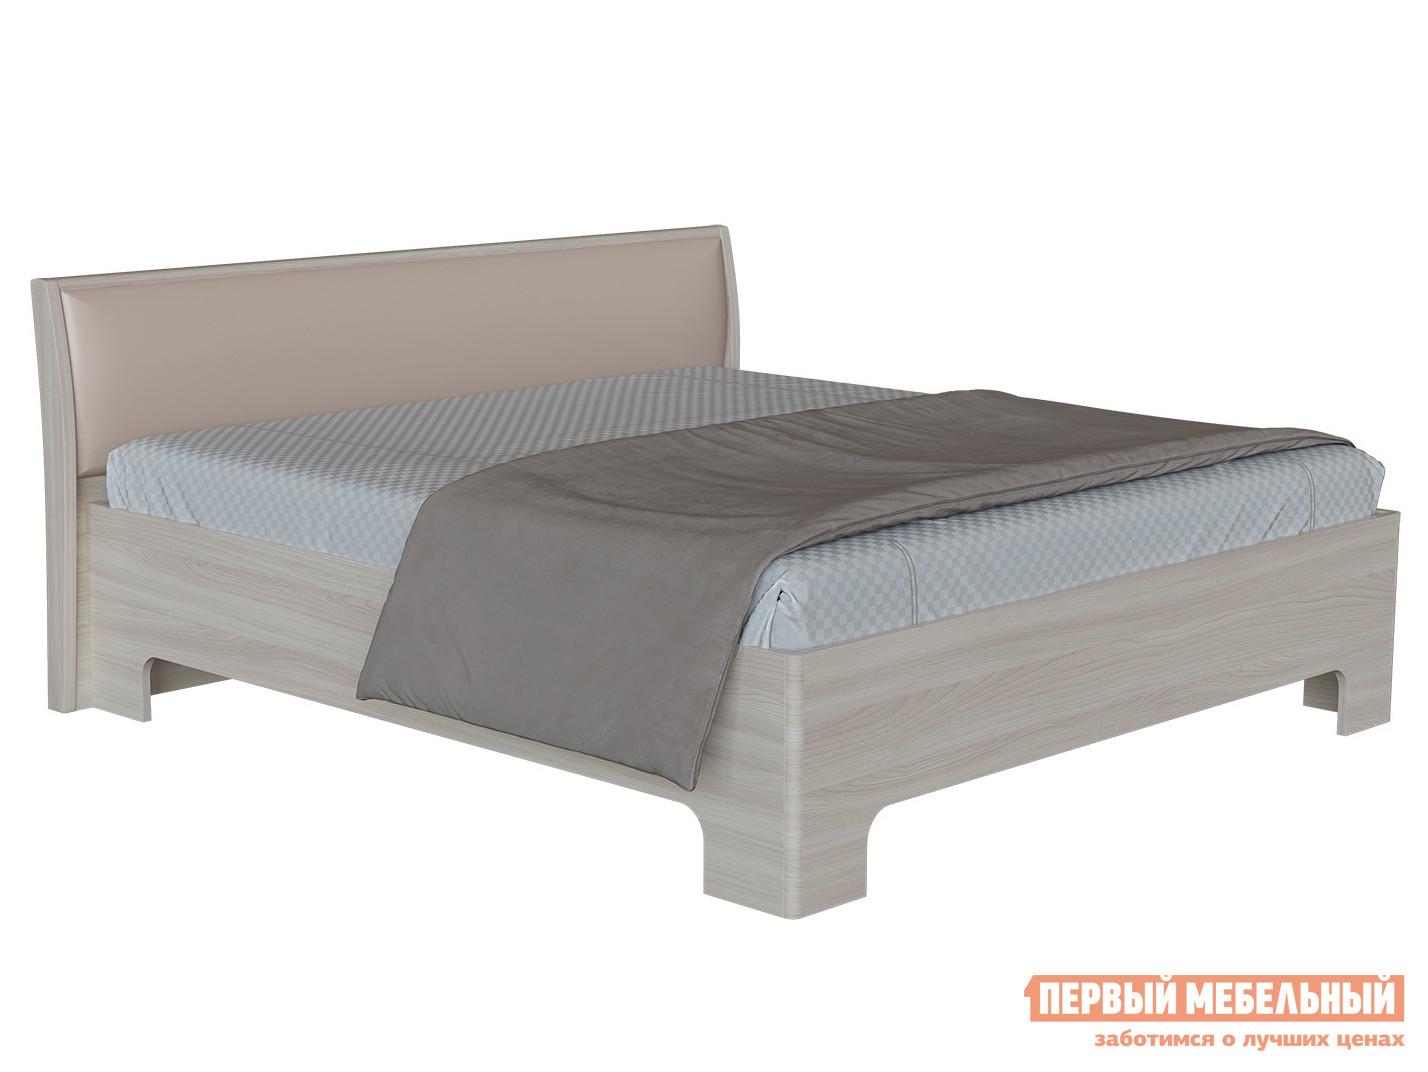 Полутороспальная кровать Первый Мебельный Прато 3-1,5 напольное зеркало первый мебельный прато вз